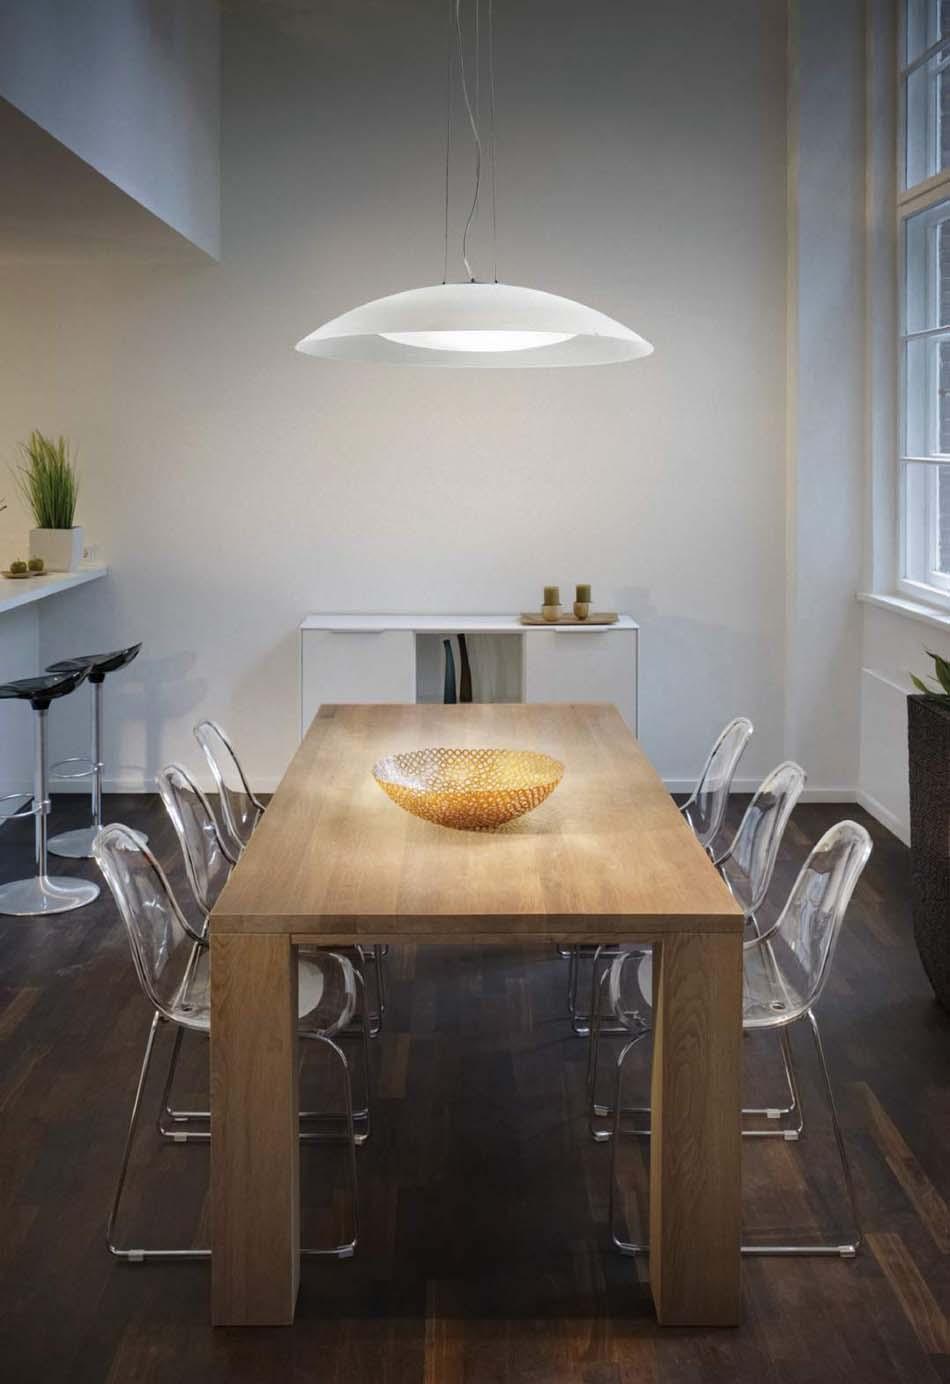 Lampade sospensione Ideal Lux Lena – Bruni Arredamenti